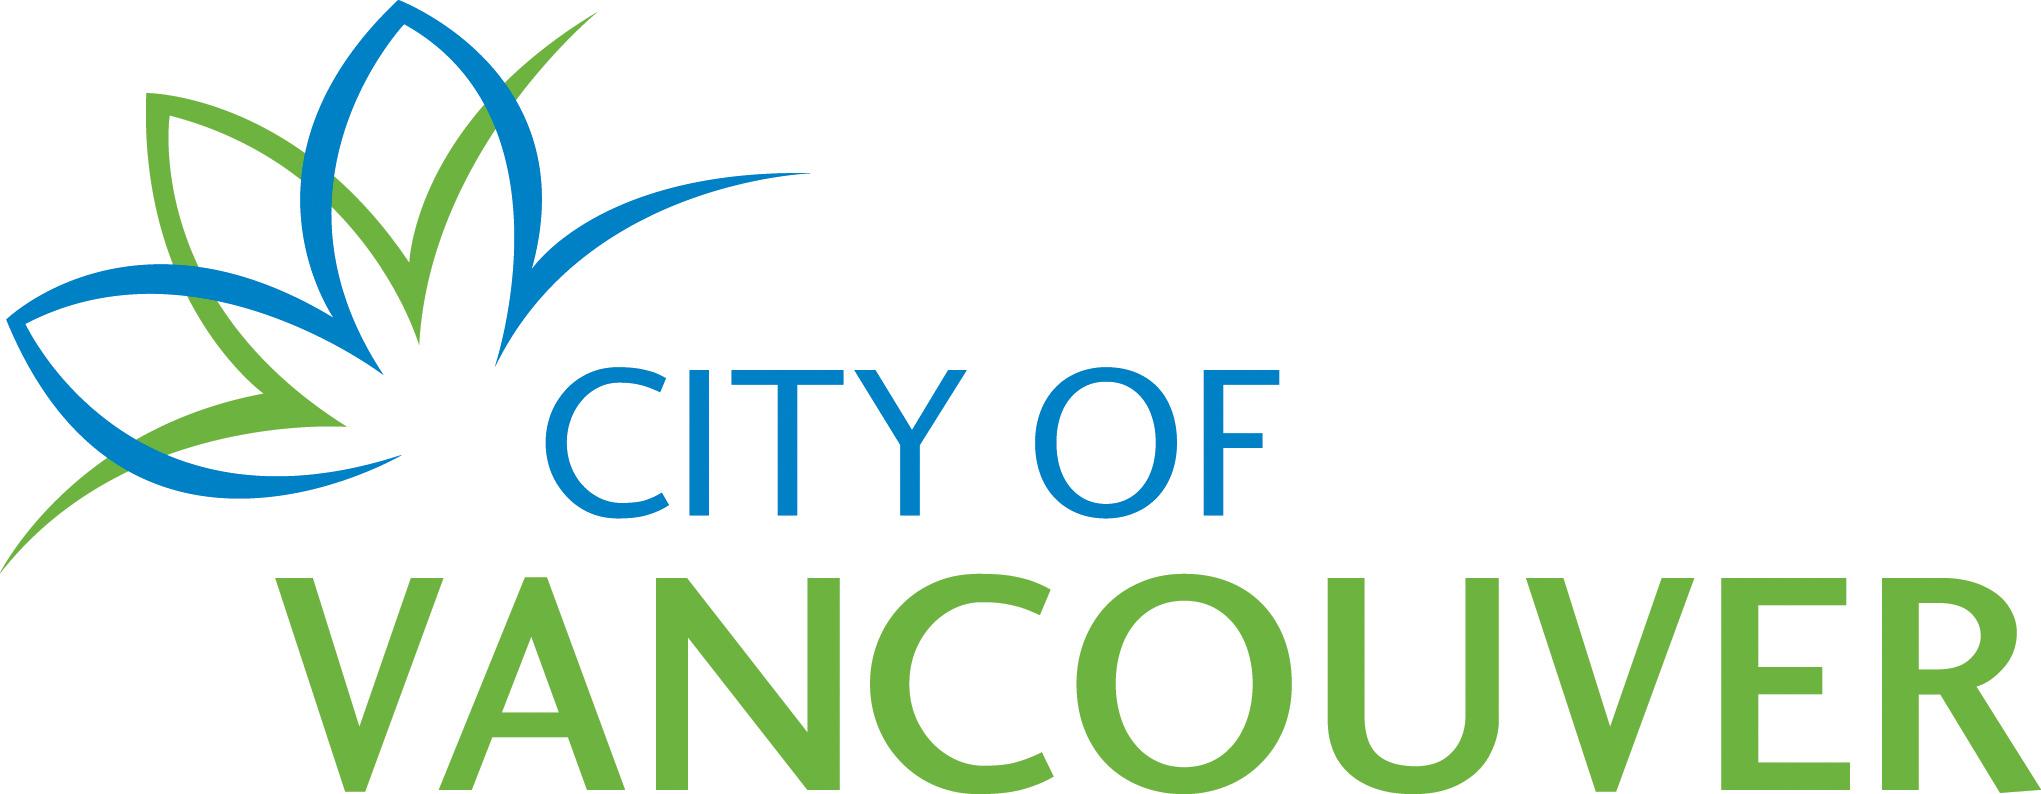 CoV-logo.jpg